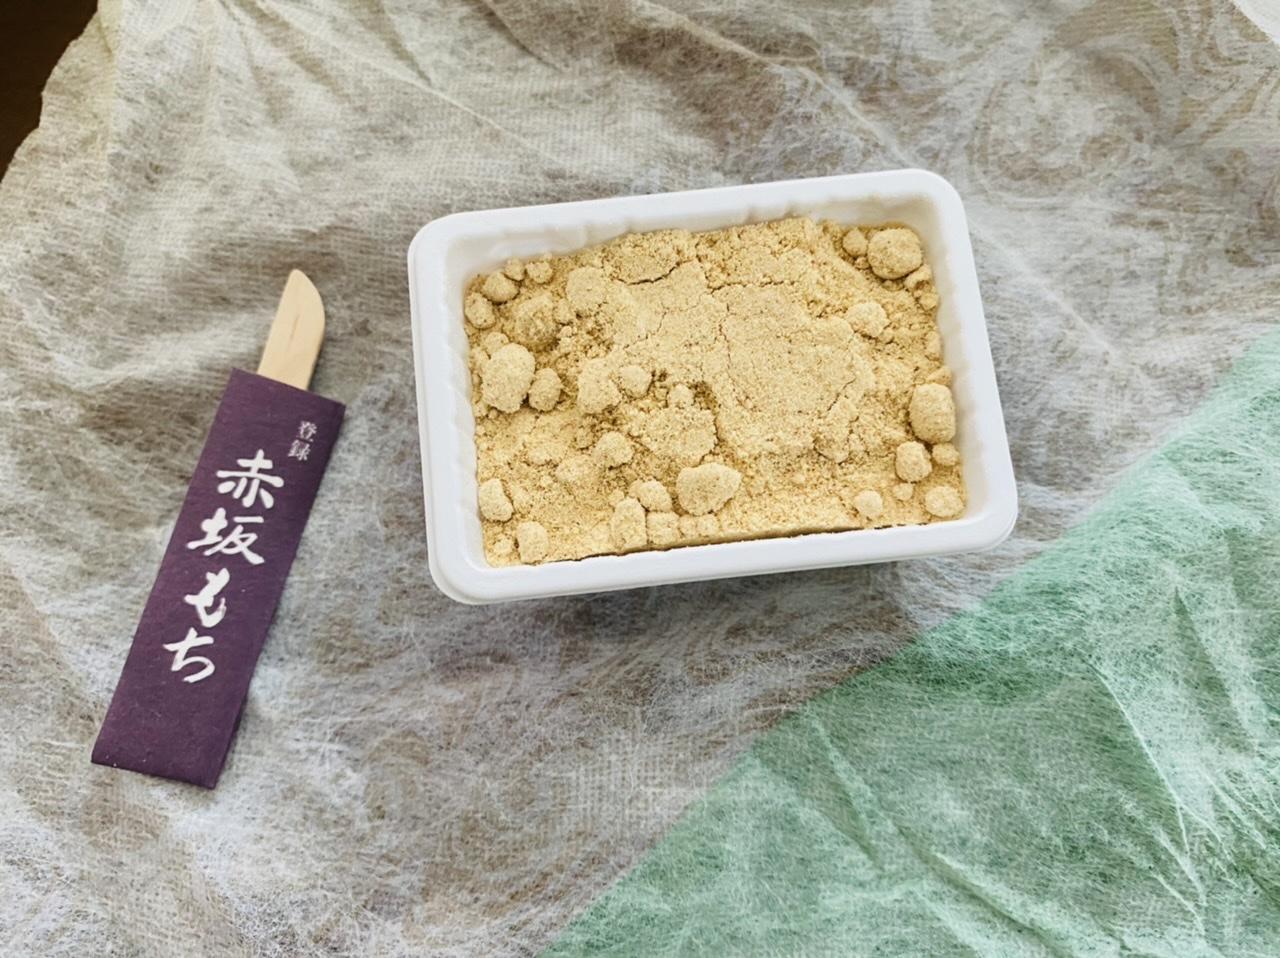 【赤坂青野】和菓子を買うならココ!小風呂敷包みがおしゃれ《赤坂もち》が絶品♡_4